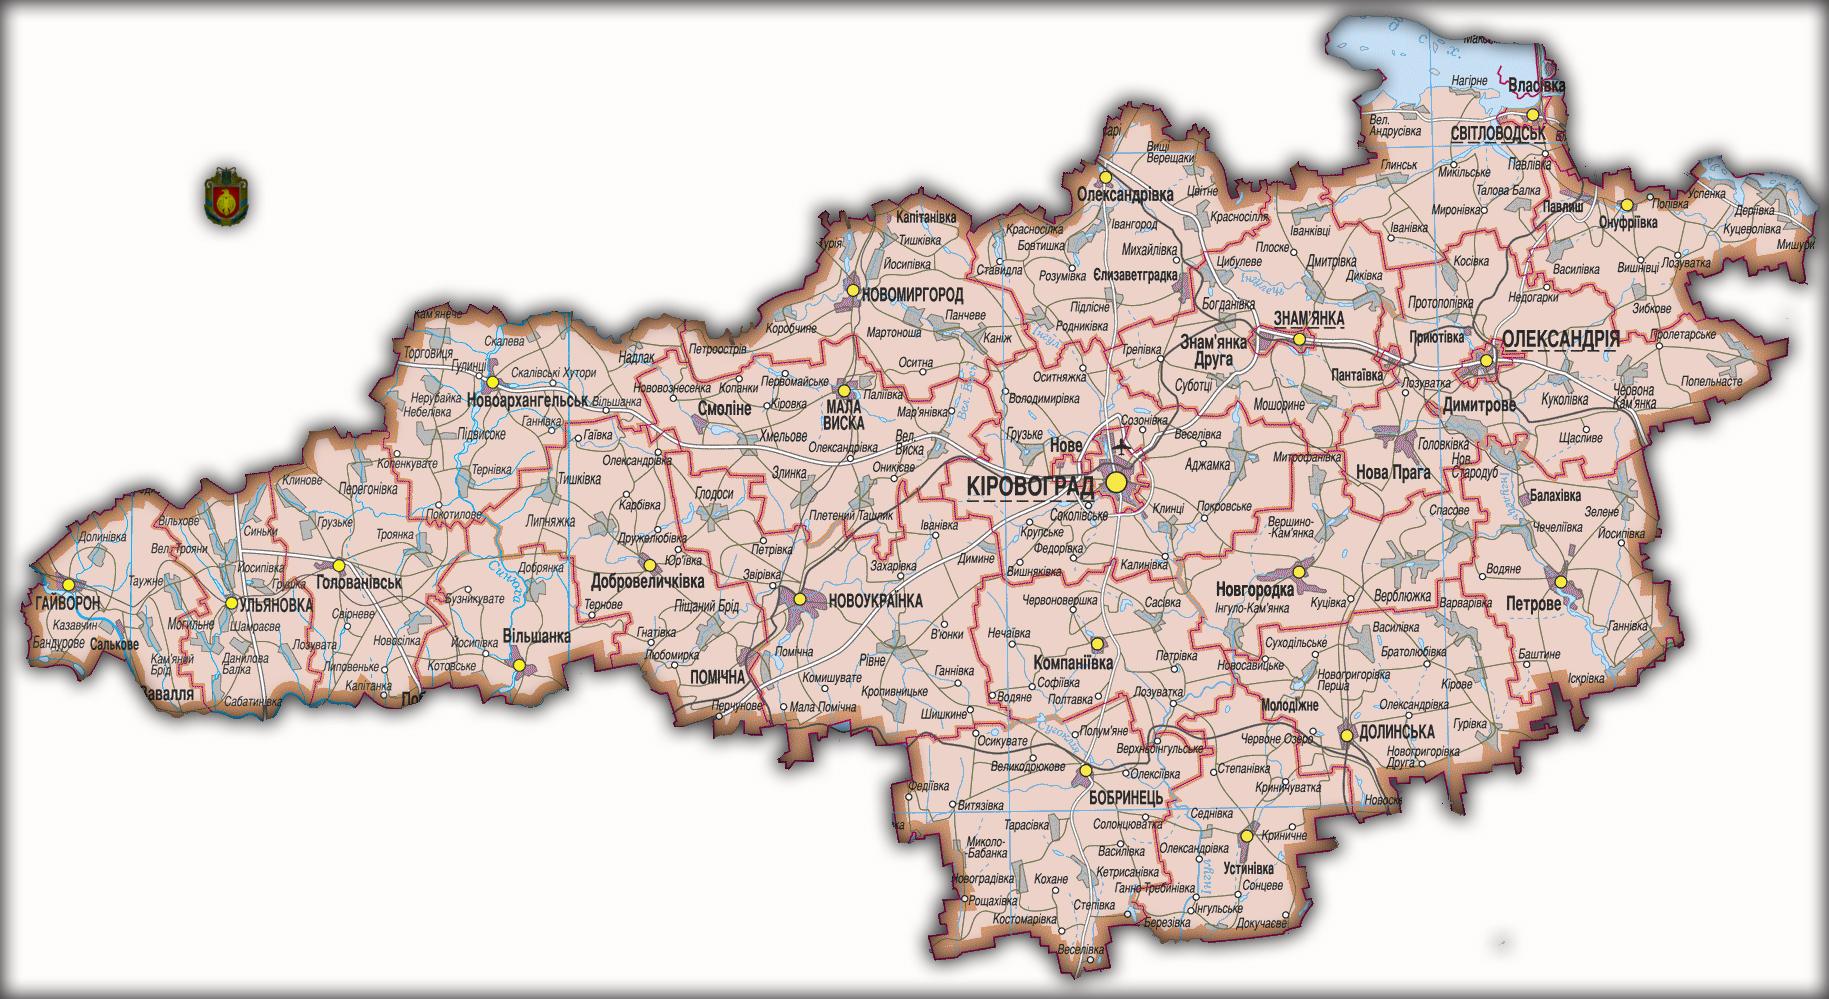 Топографическая карта Кировоградской области